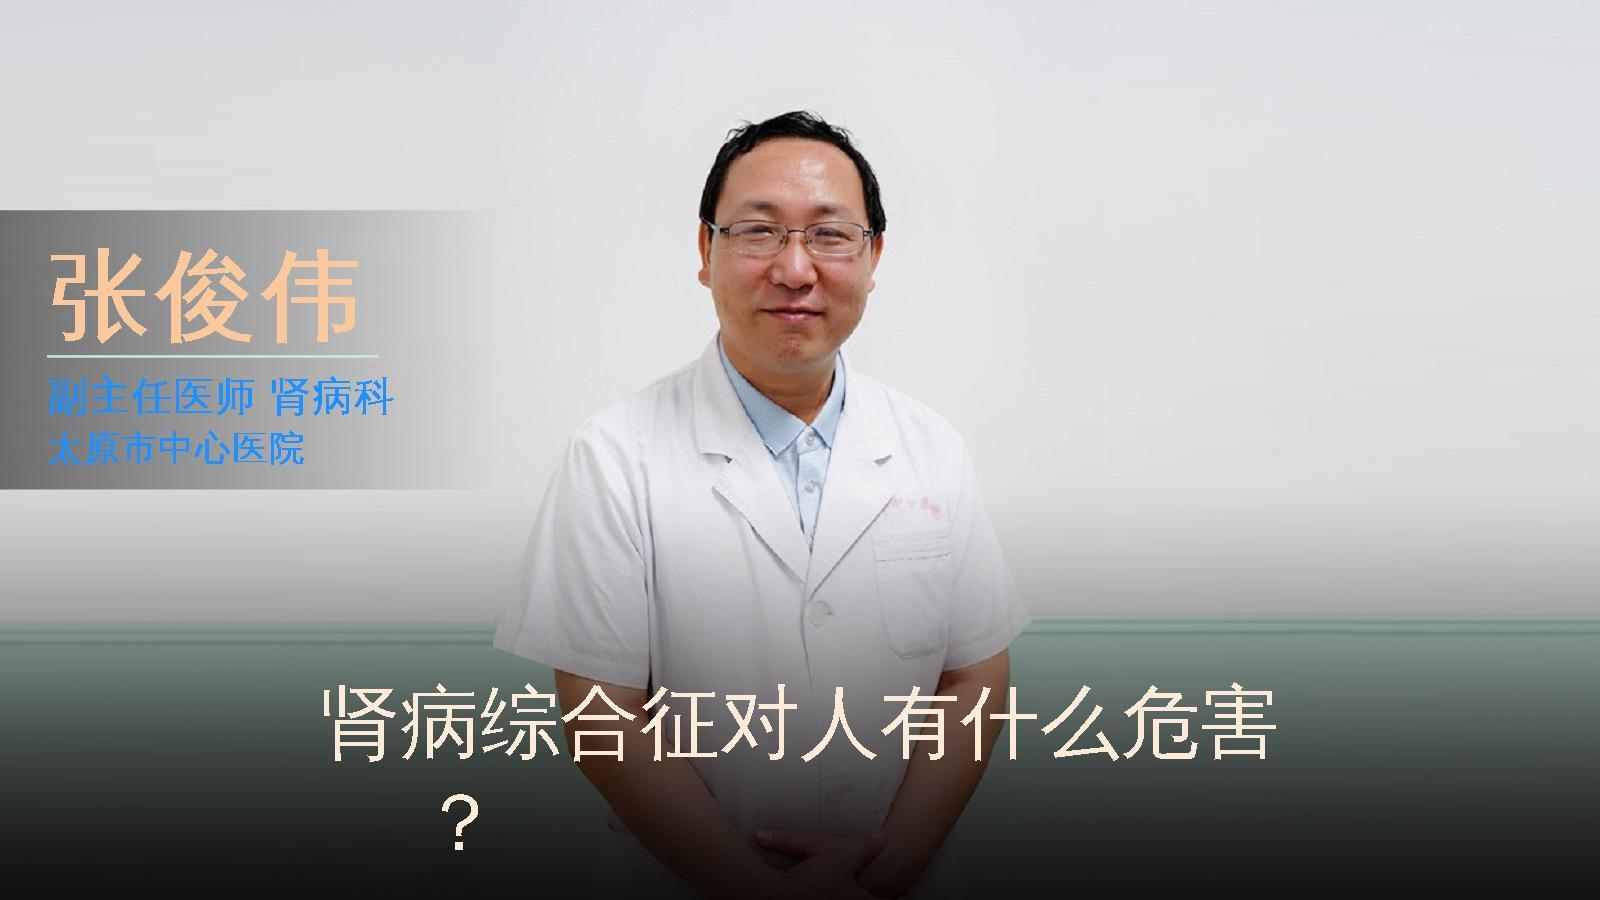 肾病综合征对人有什么危害?